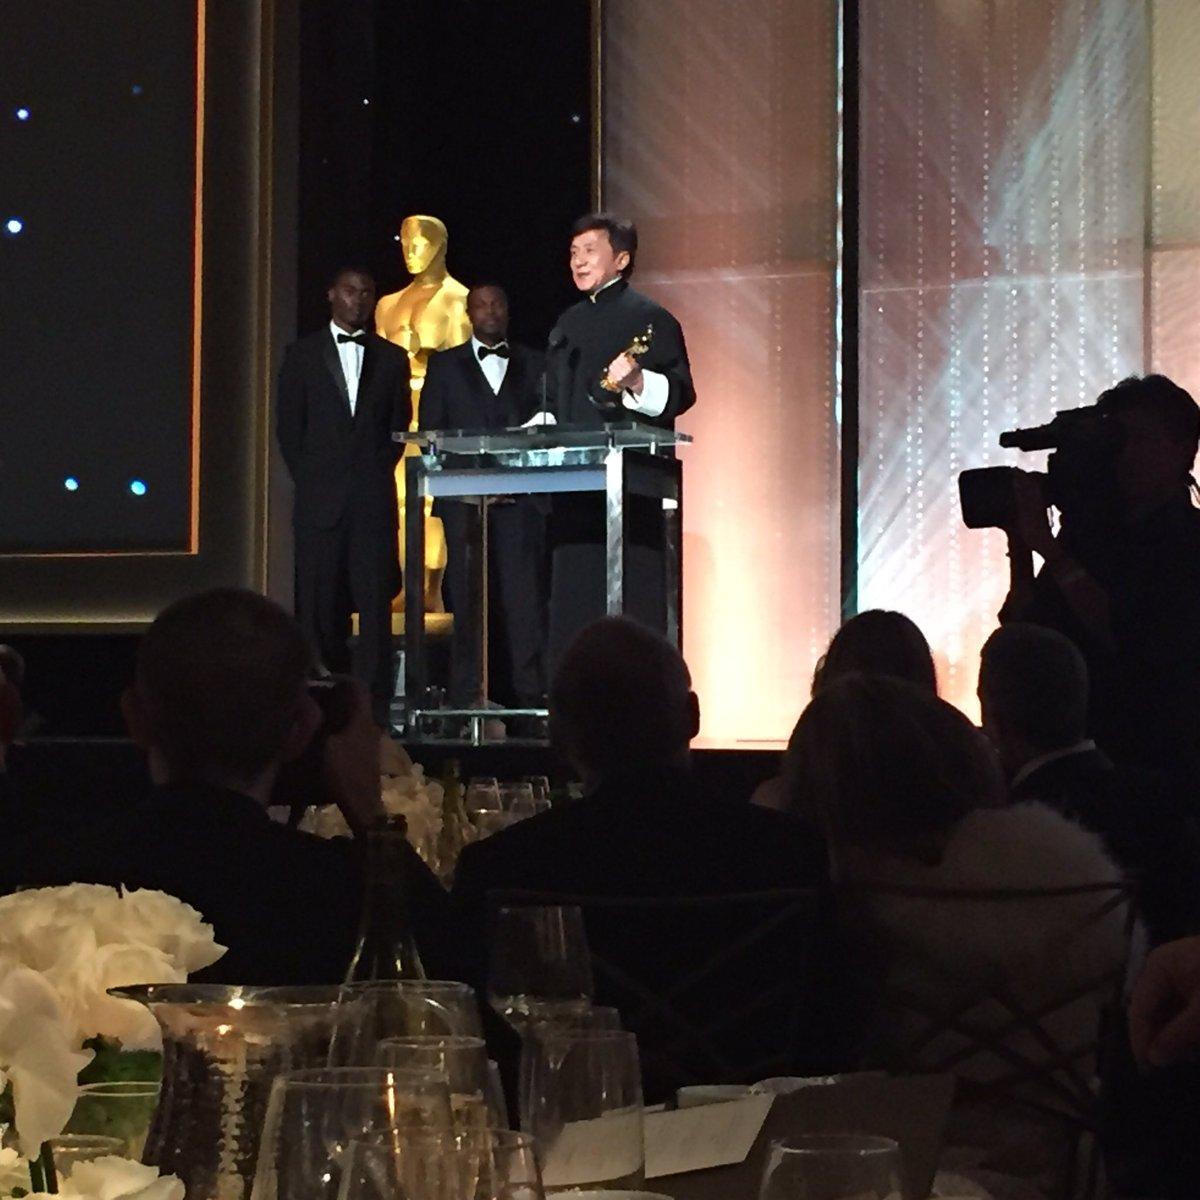 So many movies, so many broken bones. Tonight Jackie Chan has an Oscar. #GovAwards https://t.co/NjsVuTXf8S